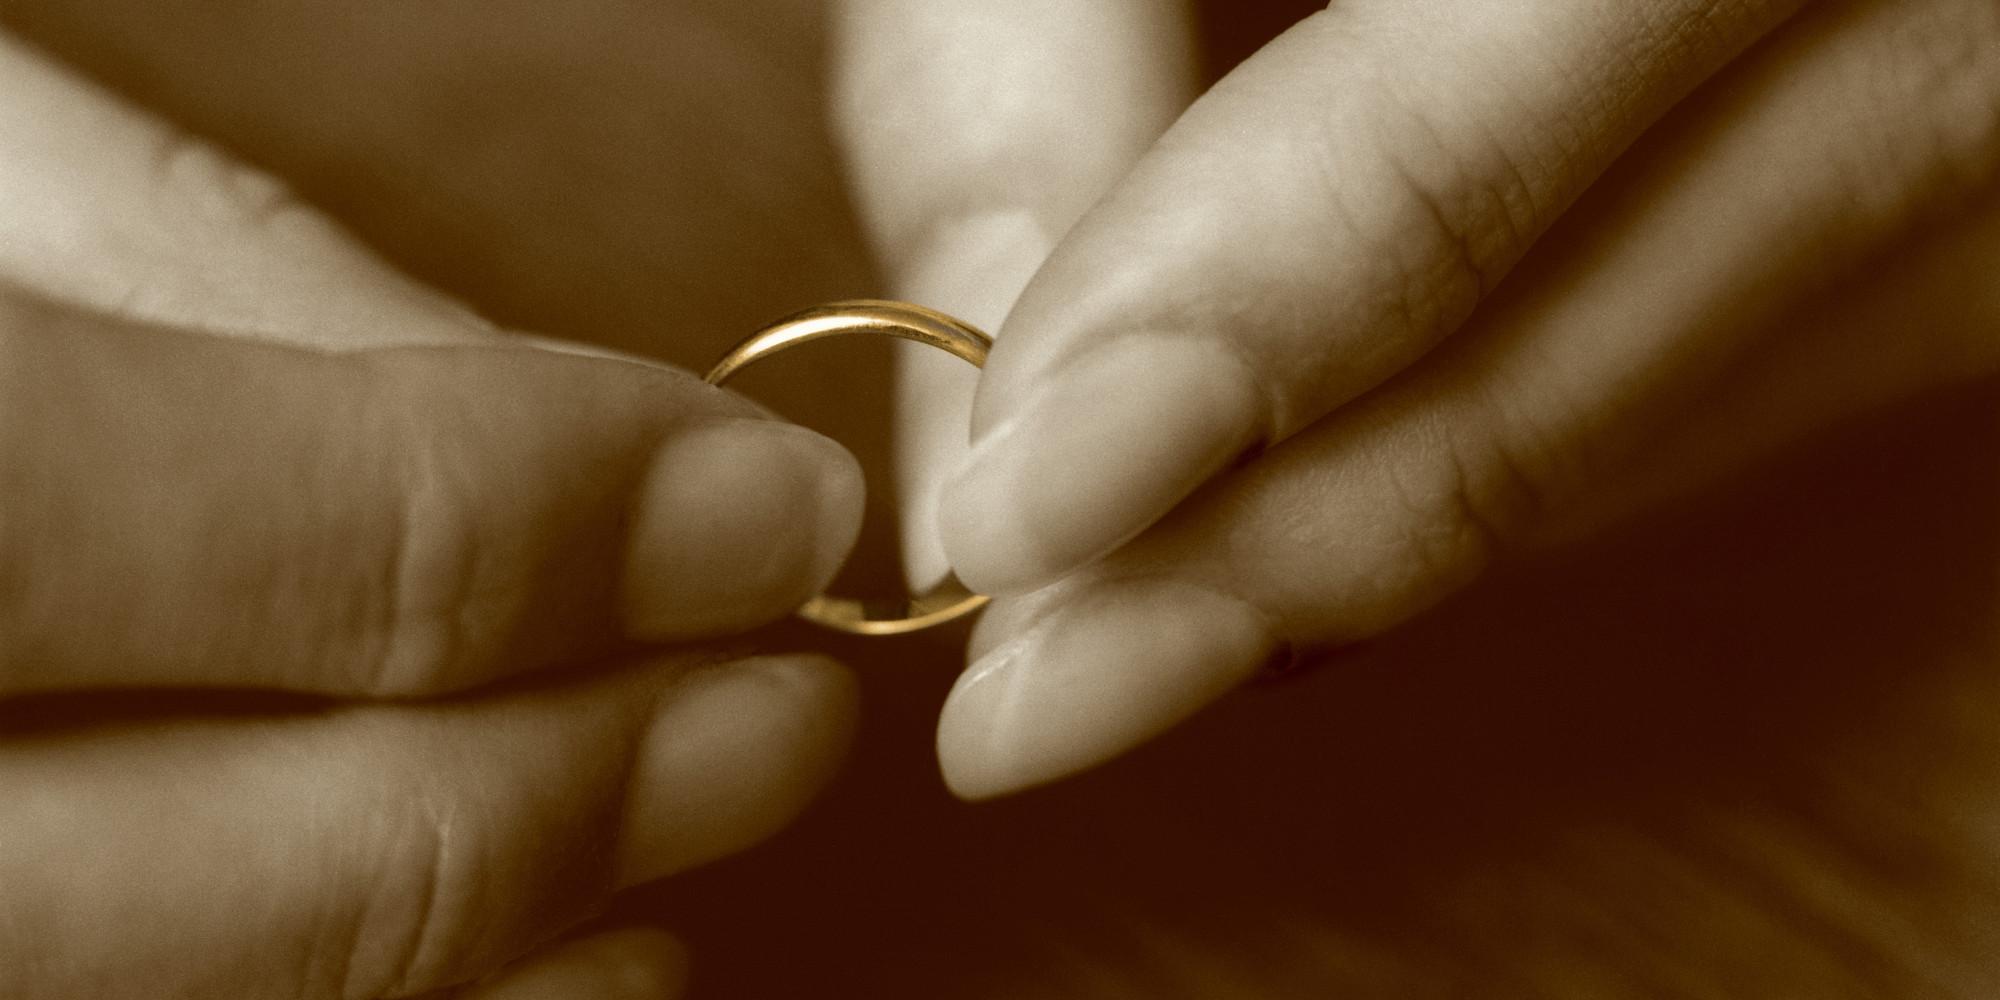 кольцо обручальное снять приворот